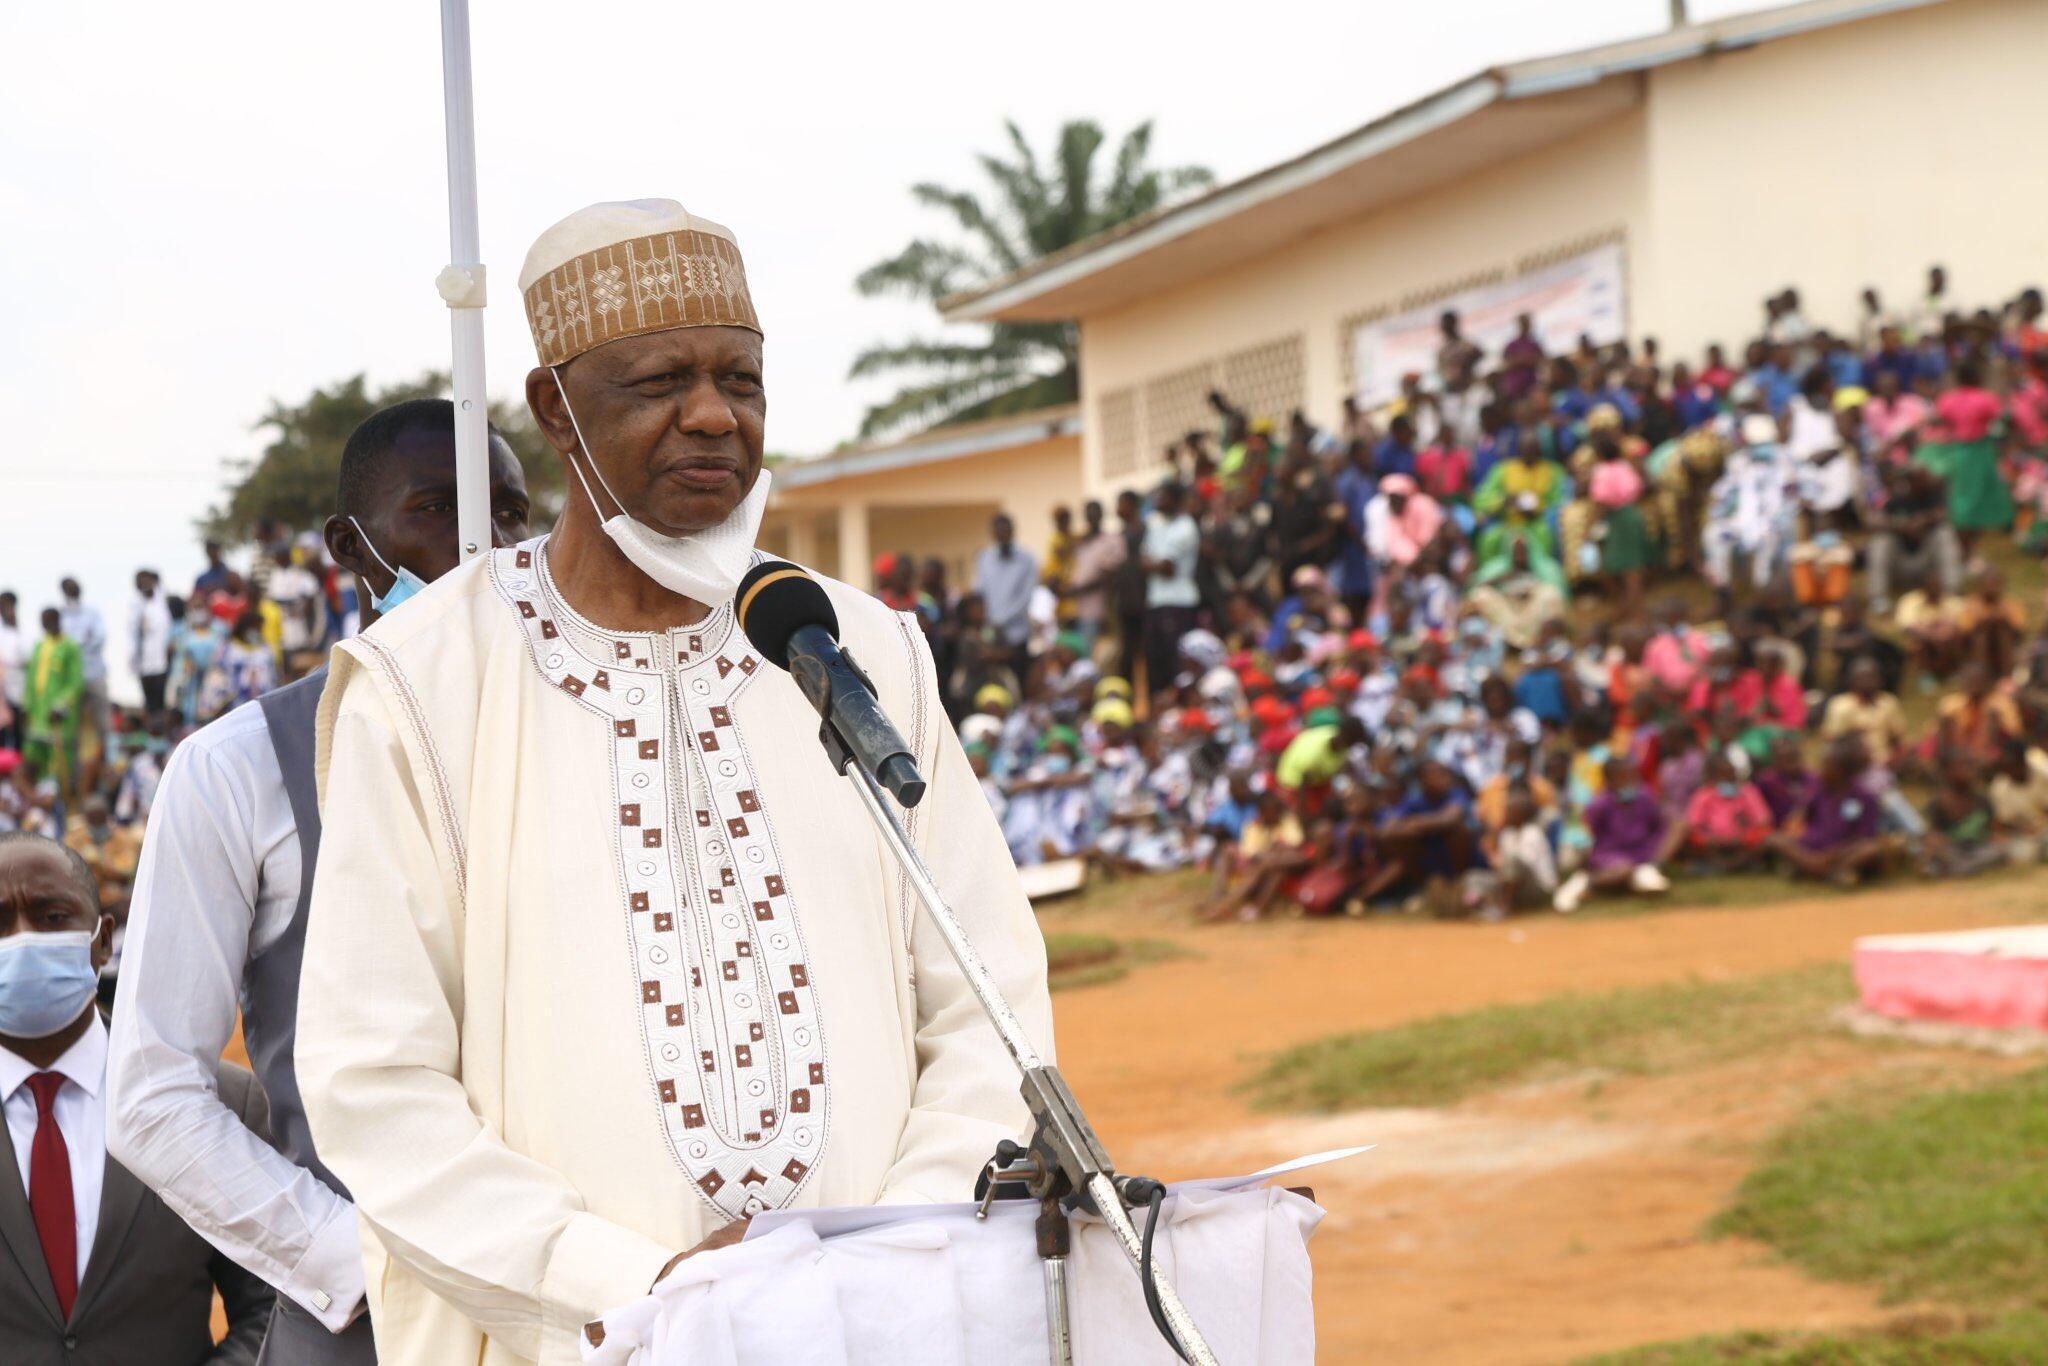 Marigayi Alim Hayatou, Sarkin Garoua mai daraja ta daya, kuma karamin minista a ma'aikatar kiwon lafiyar kasar Kamaru.